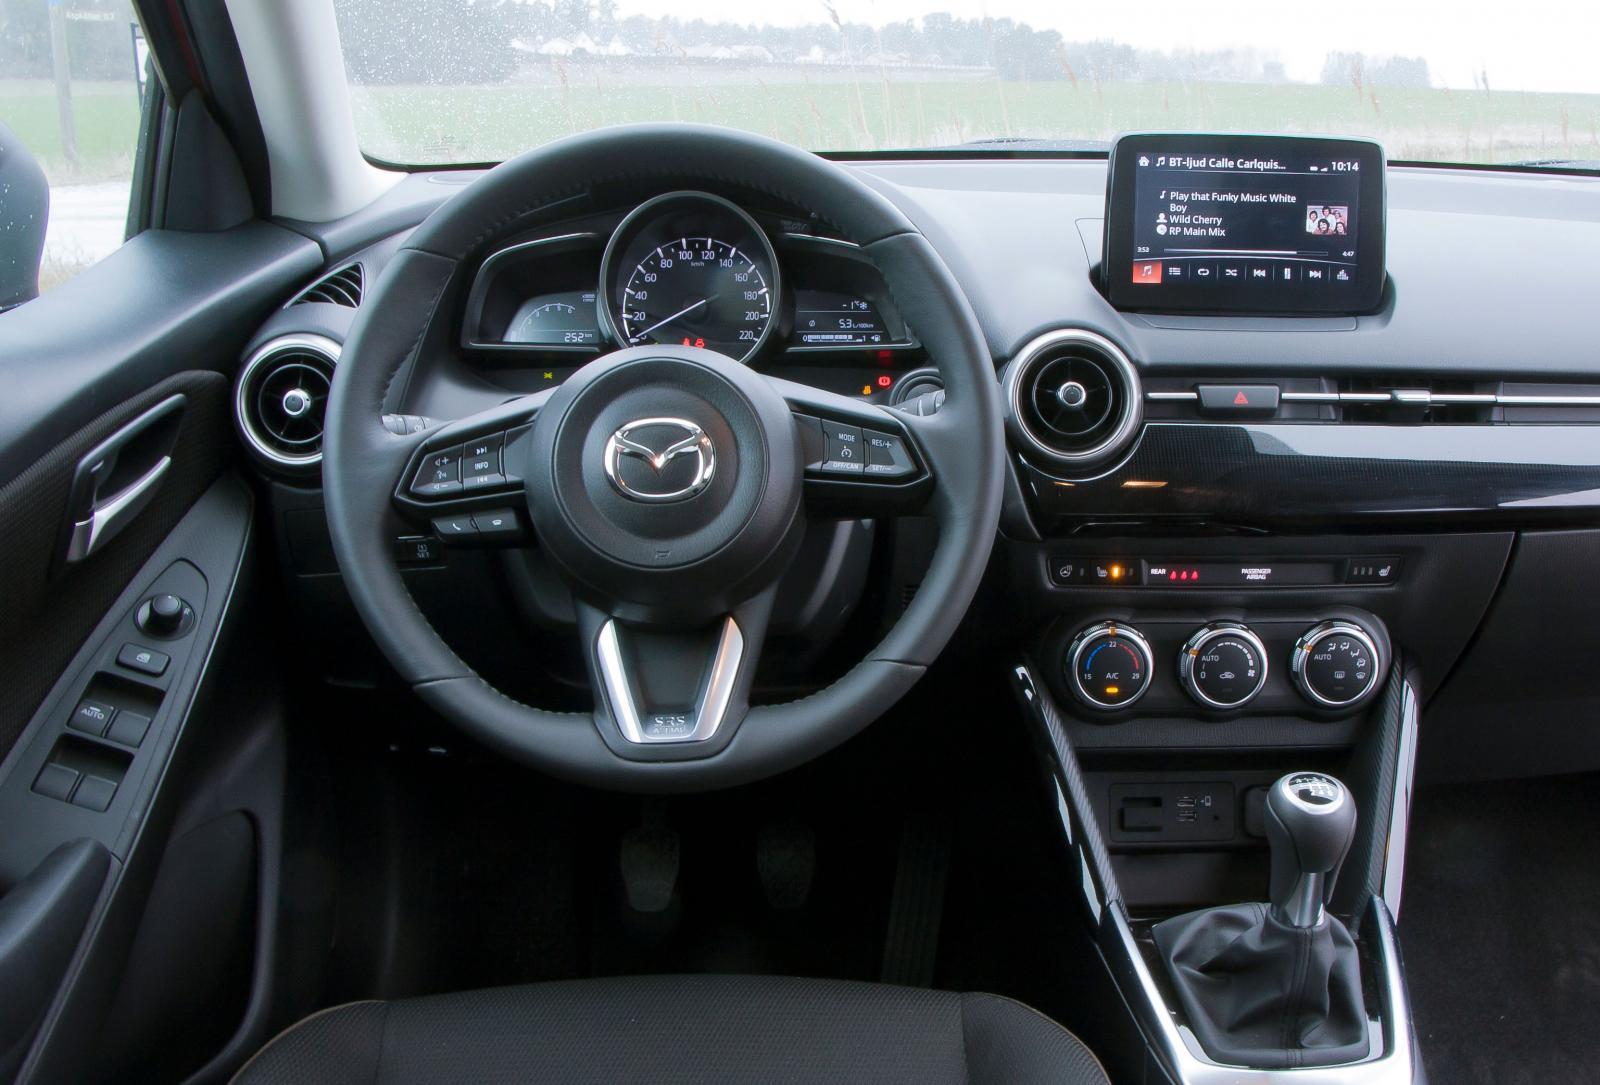 Dragen känns igen från andra Mazda, känslan är tajt och finishen trivsam – men ratten är hal. Till vänster om den finns en rad med knappreglage.